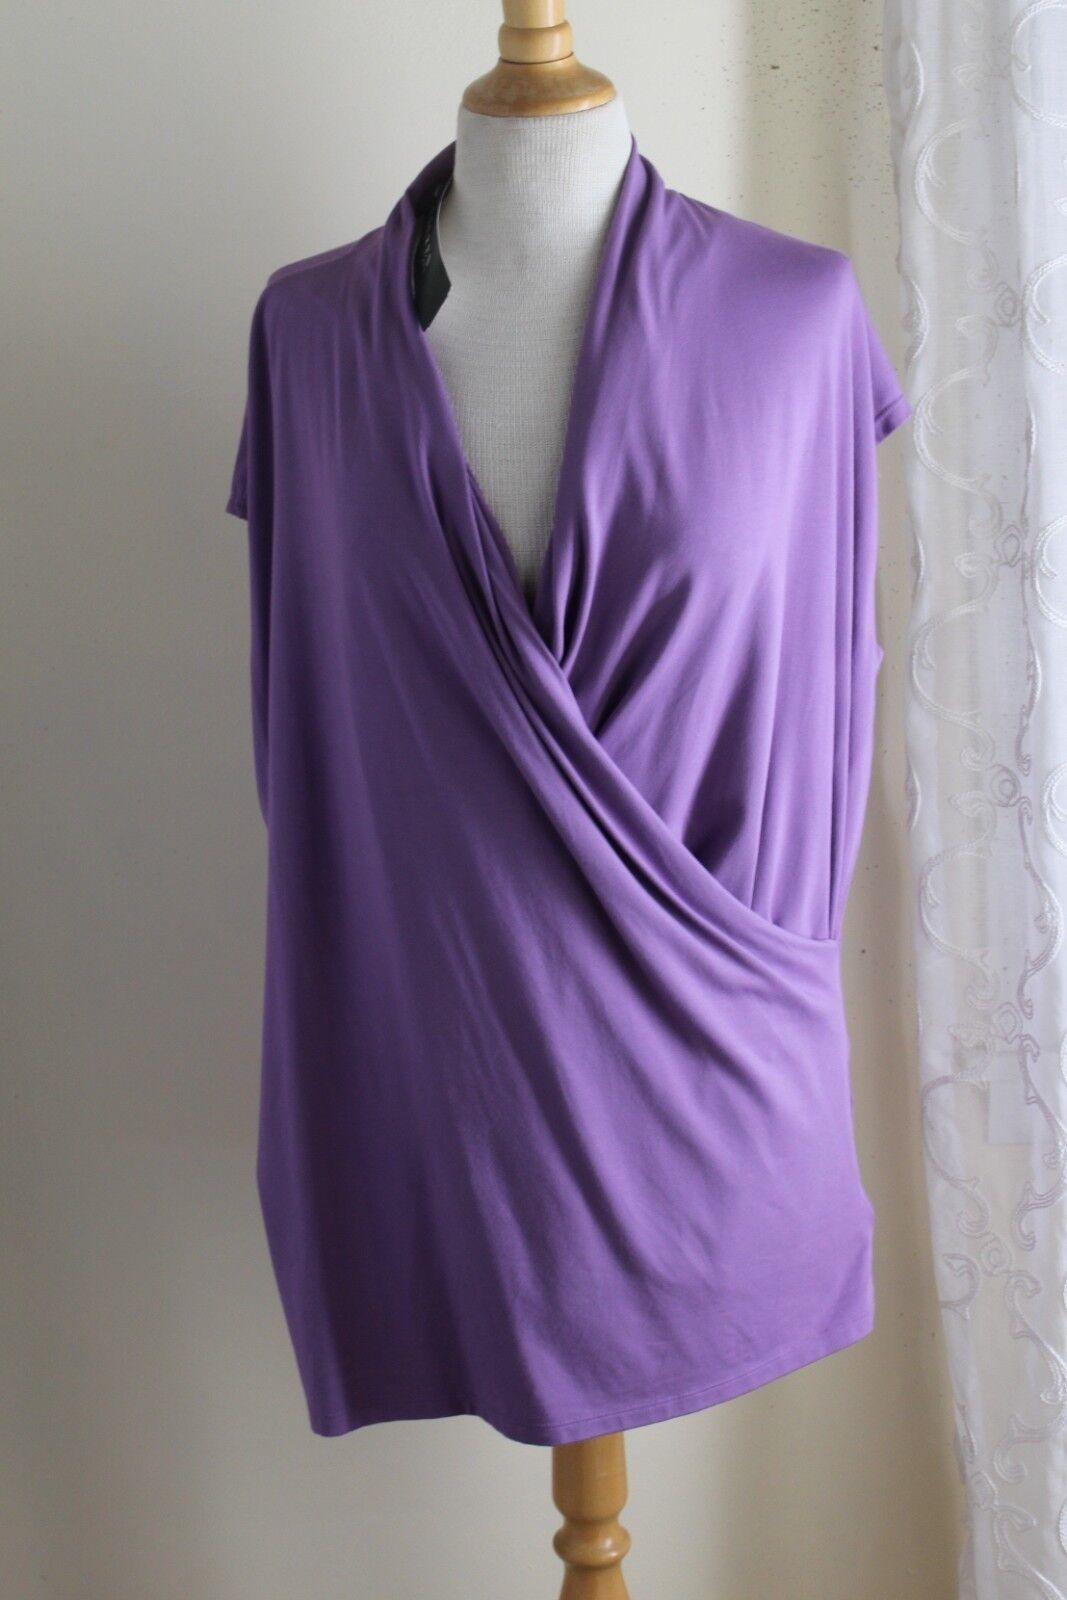 NWT Ralph Lauren -Sz 2X Fabulous Luxurious S S Wrap Jersey Knit Shirt Top